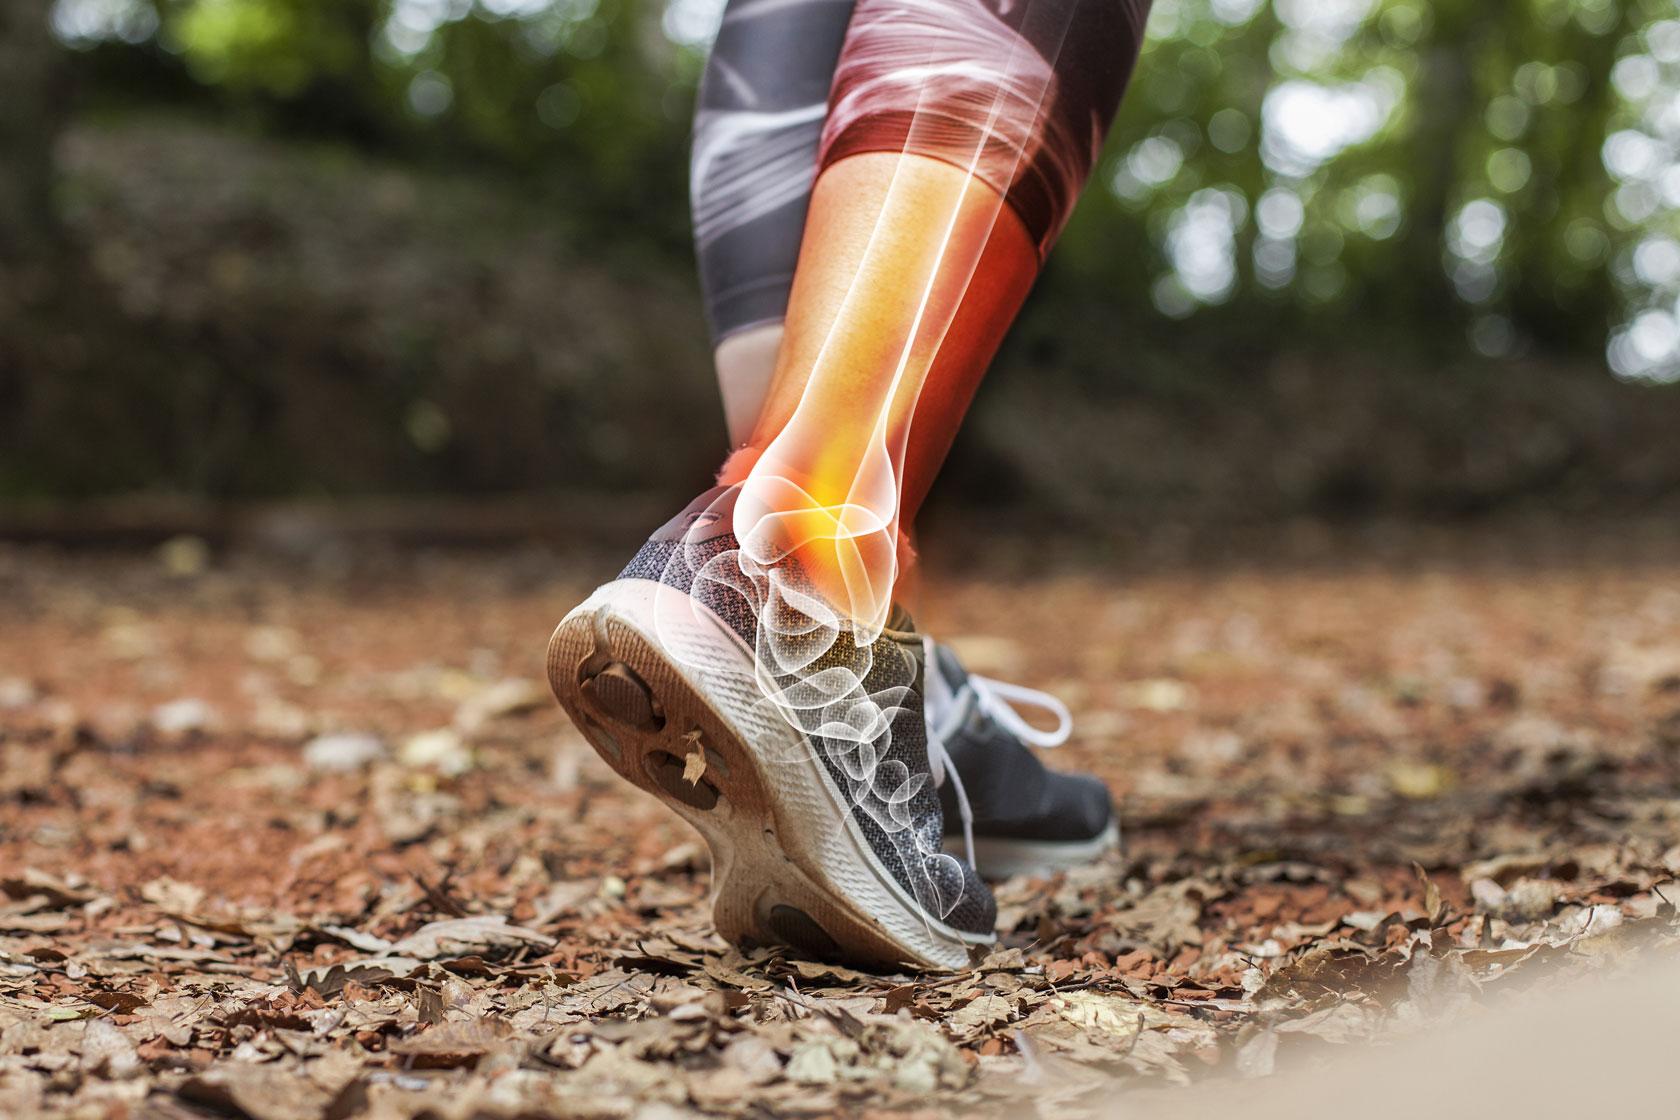 - Piedi e gambe in piena efficienza nella camminata sportiva. Il ruolo chiave dell'irrorazione sanguigna >